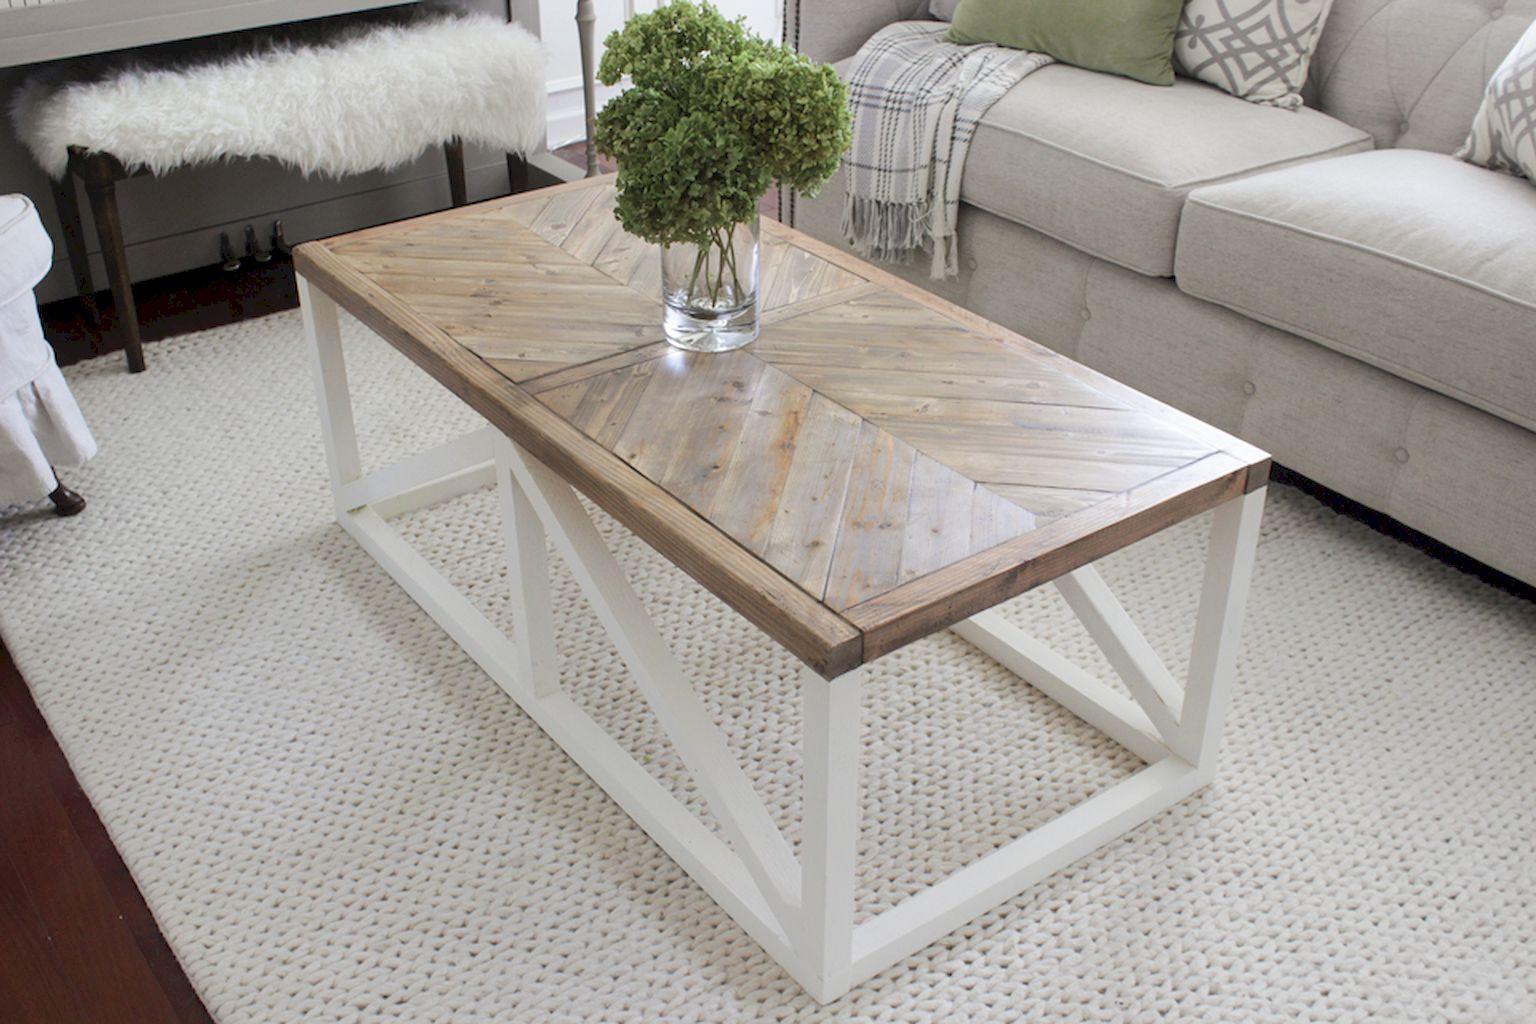 30 Inspiring DIY Rustic Coffee Table Ideas Remodel in 2020